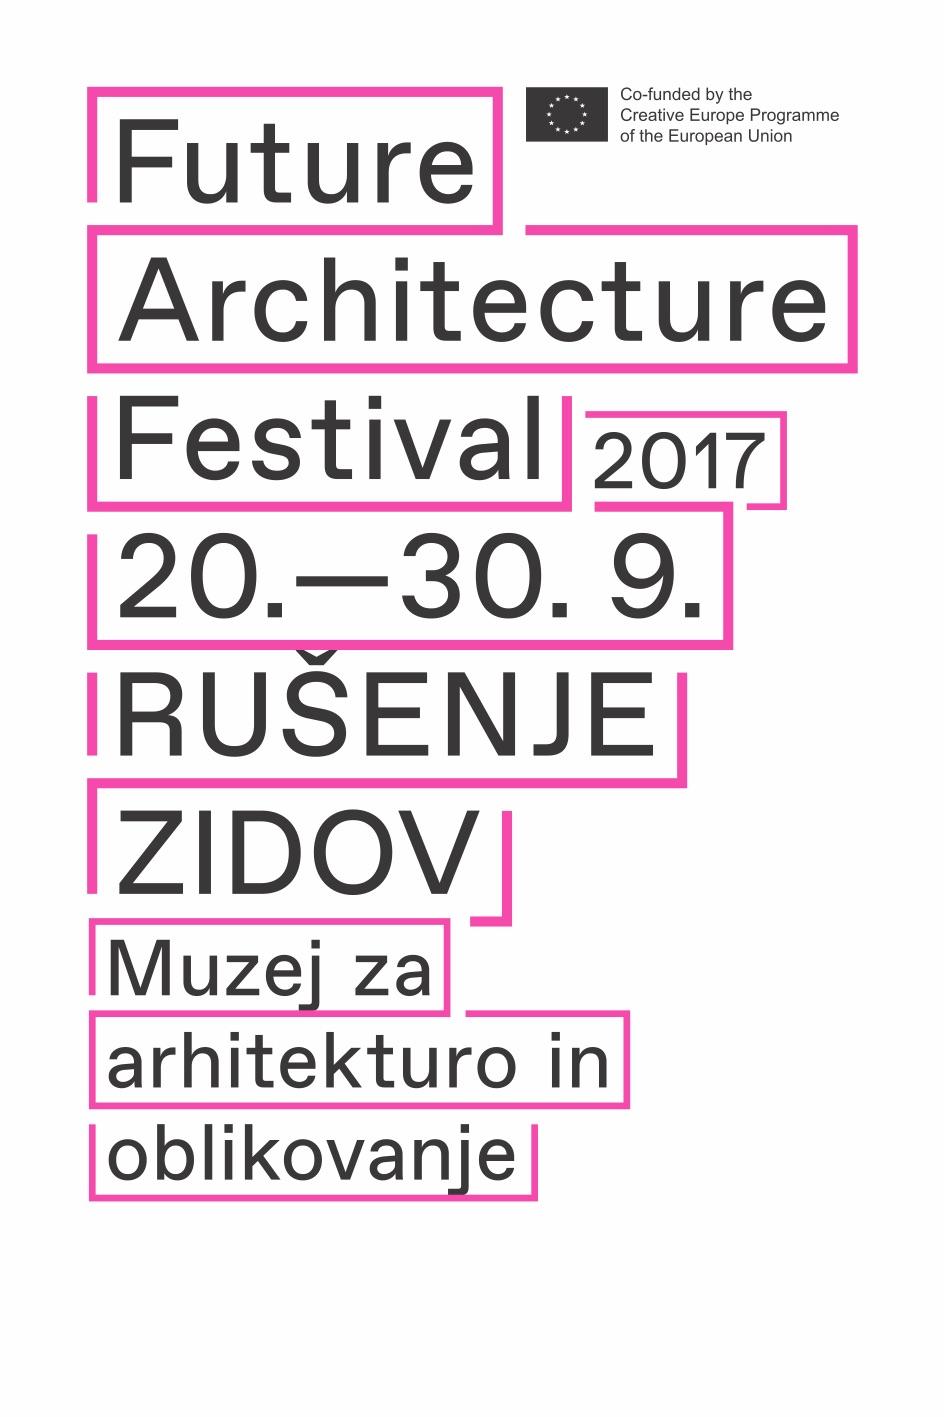 poster-Future Architecture Festival